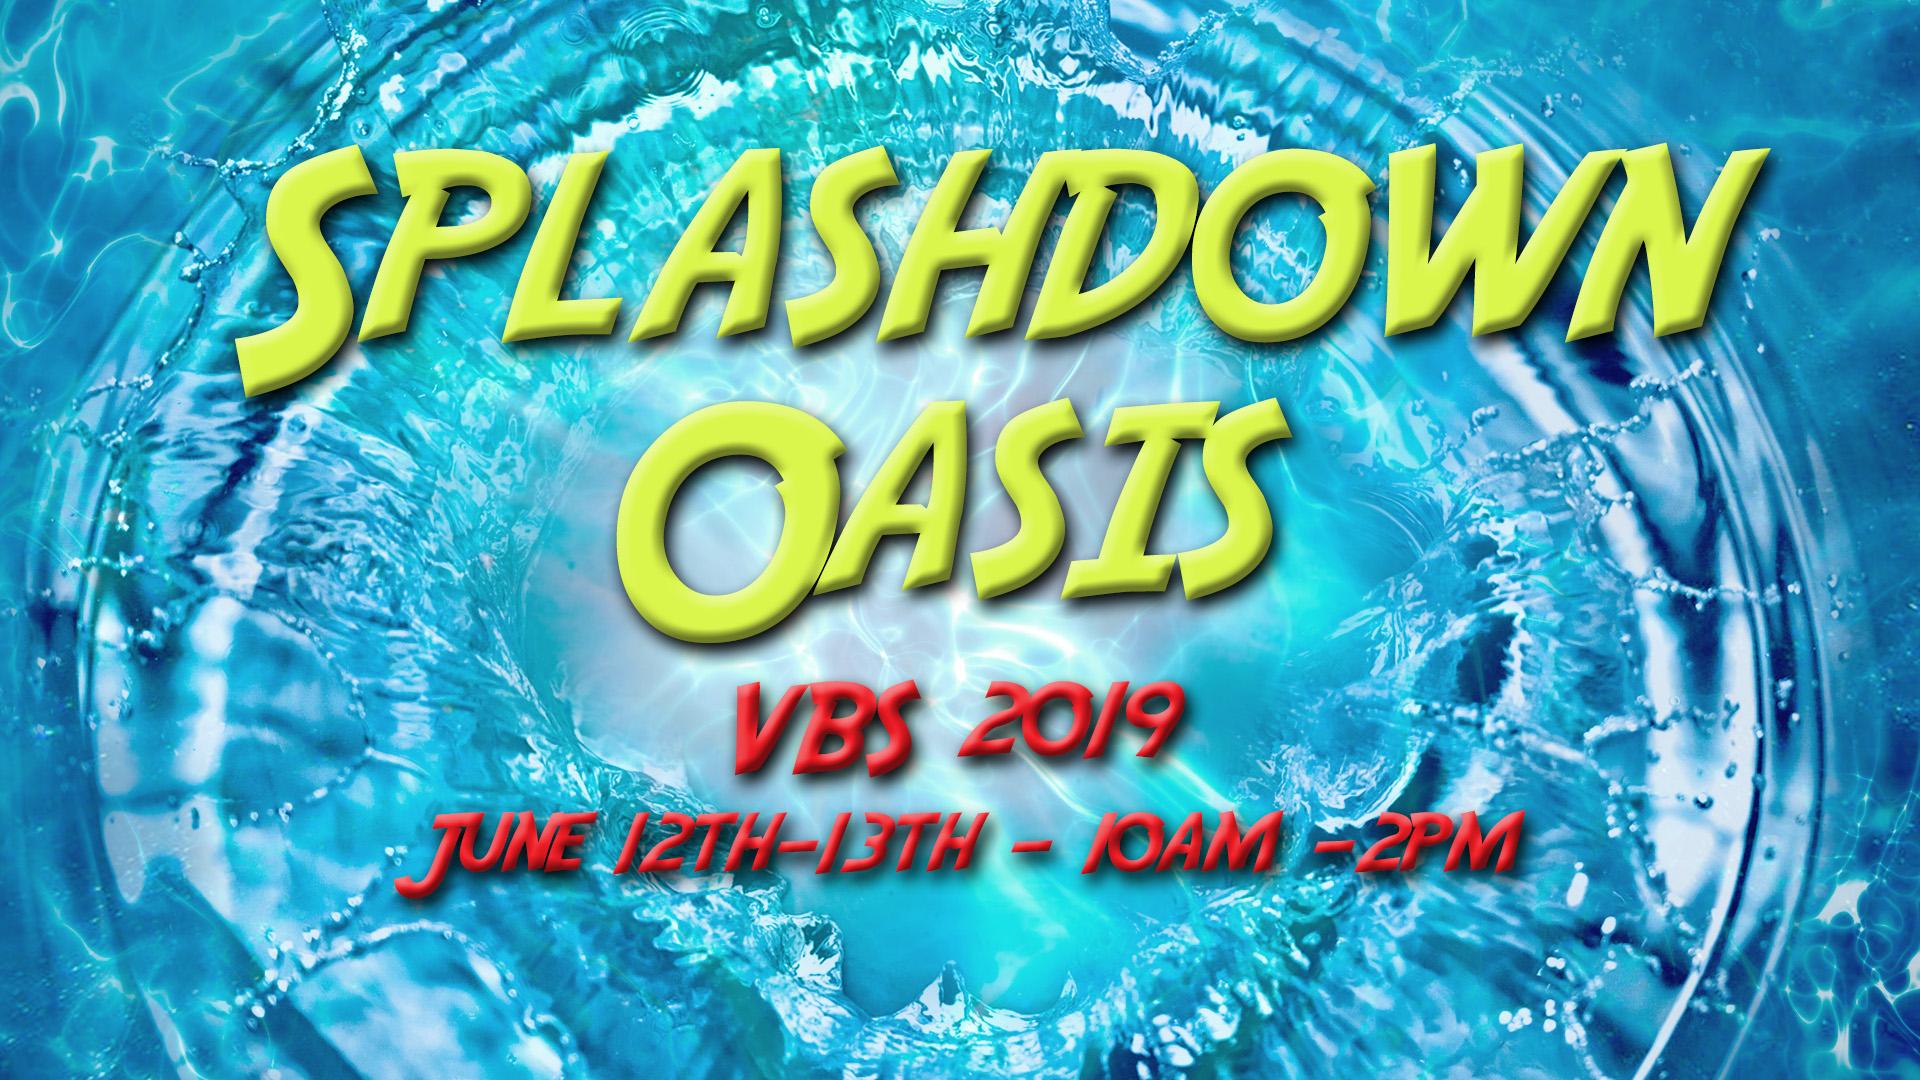 splashdownposter.jpg